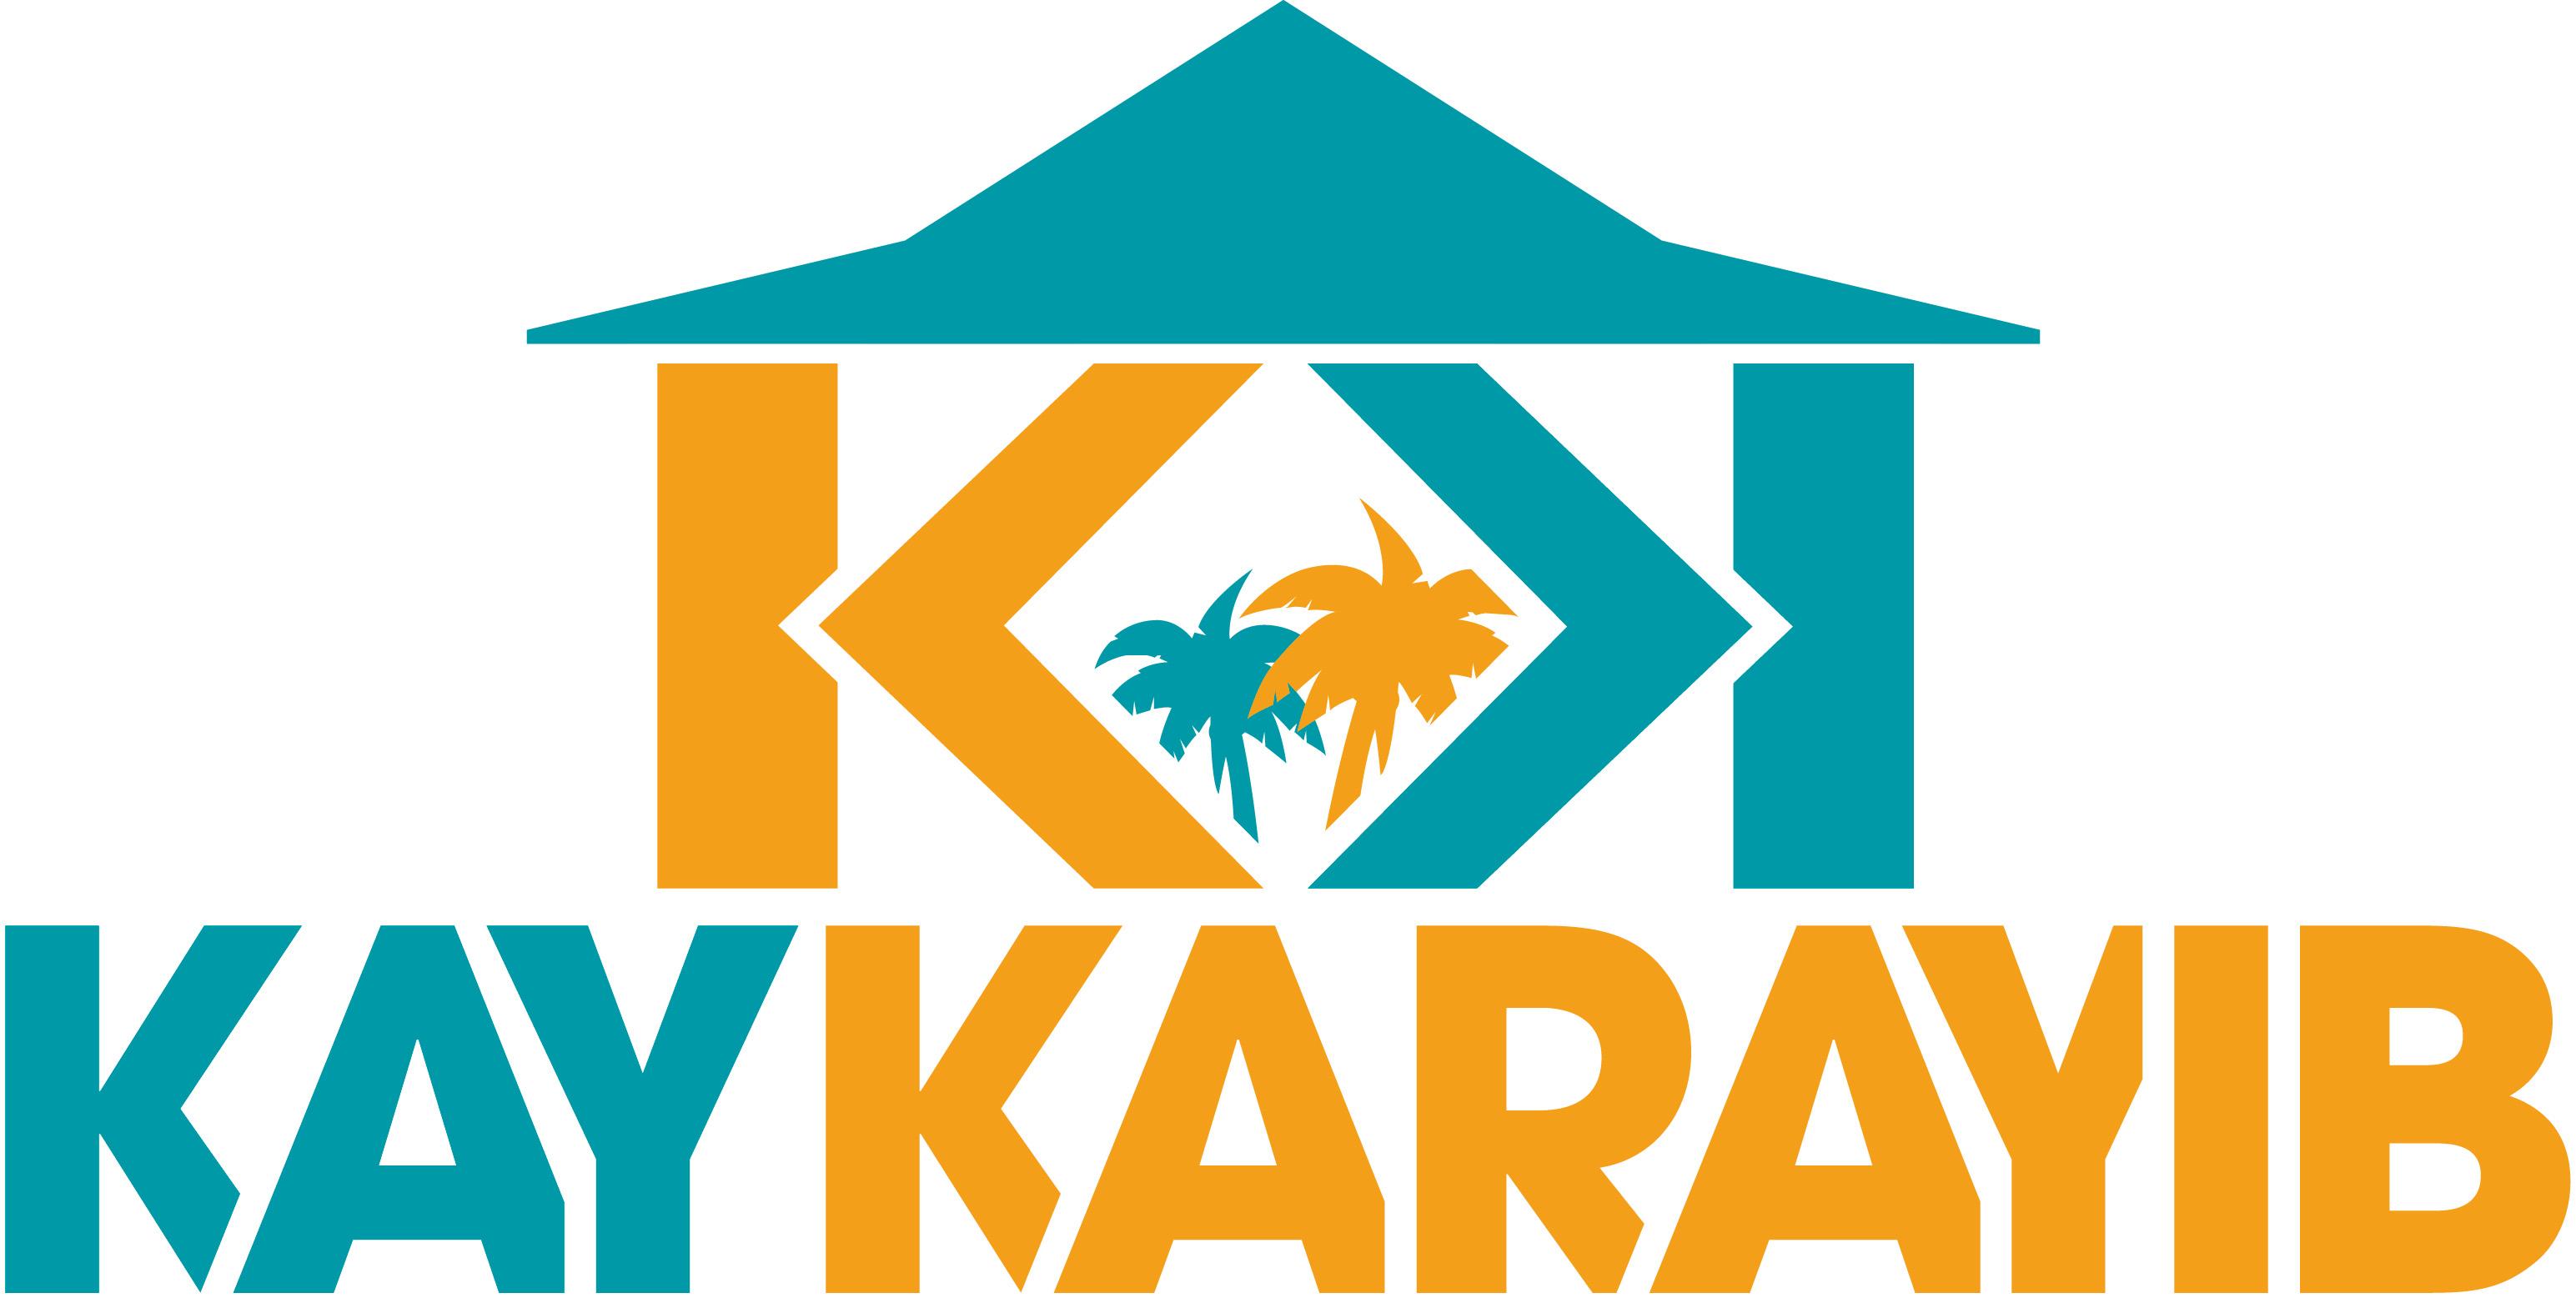 Site Kay Karayib